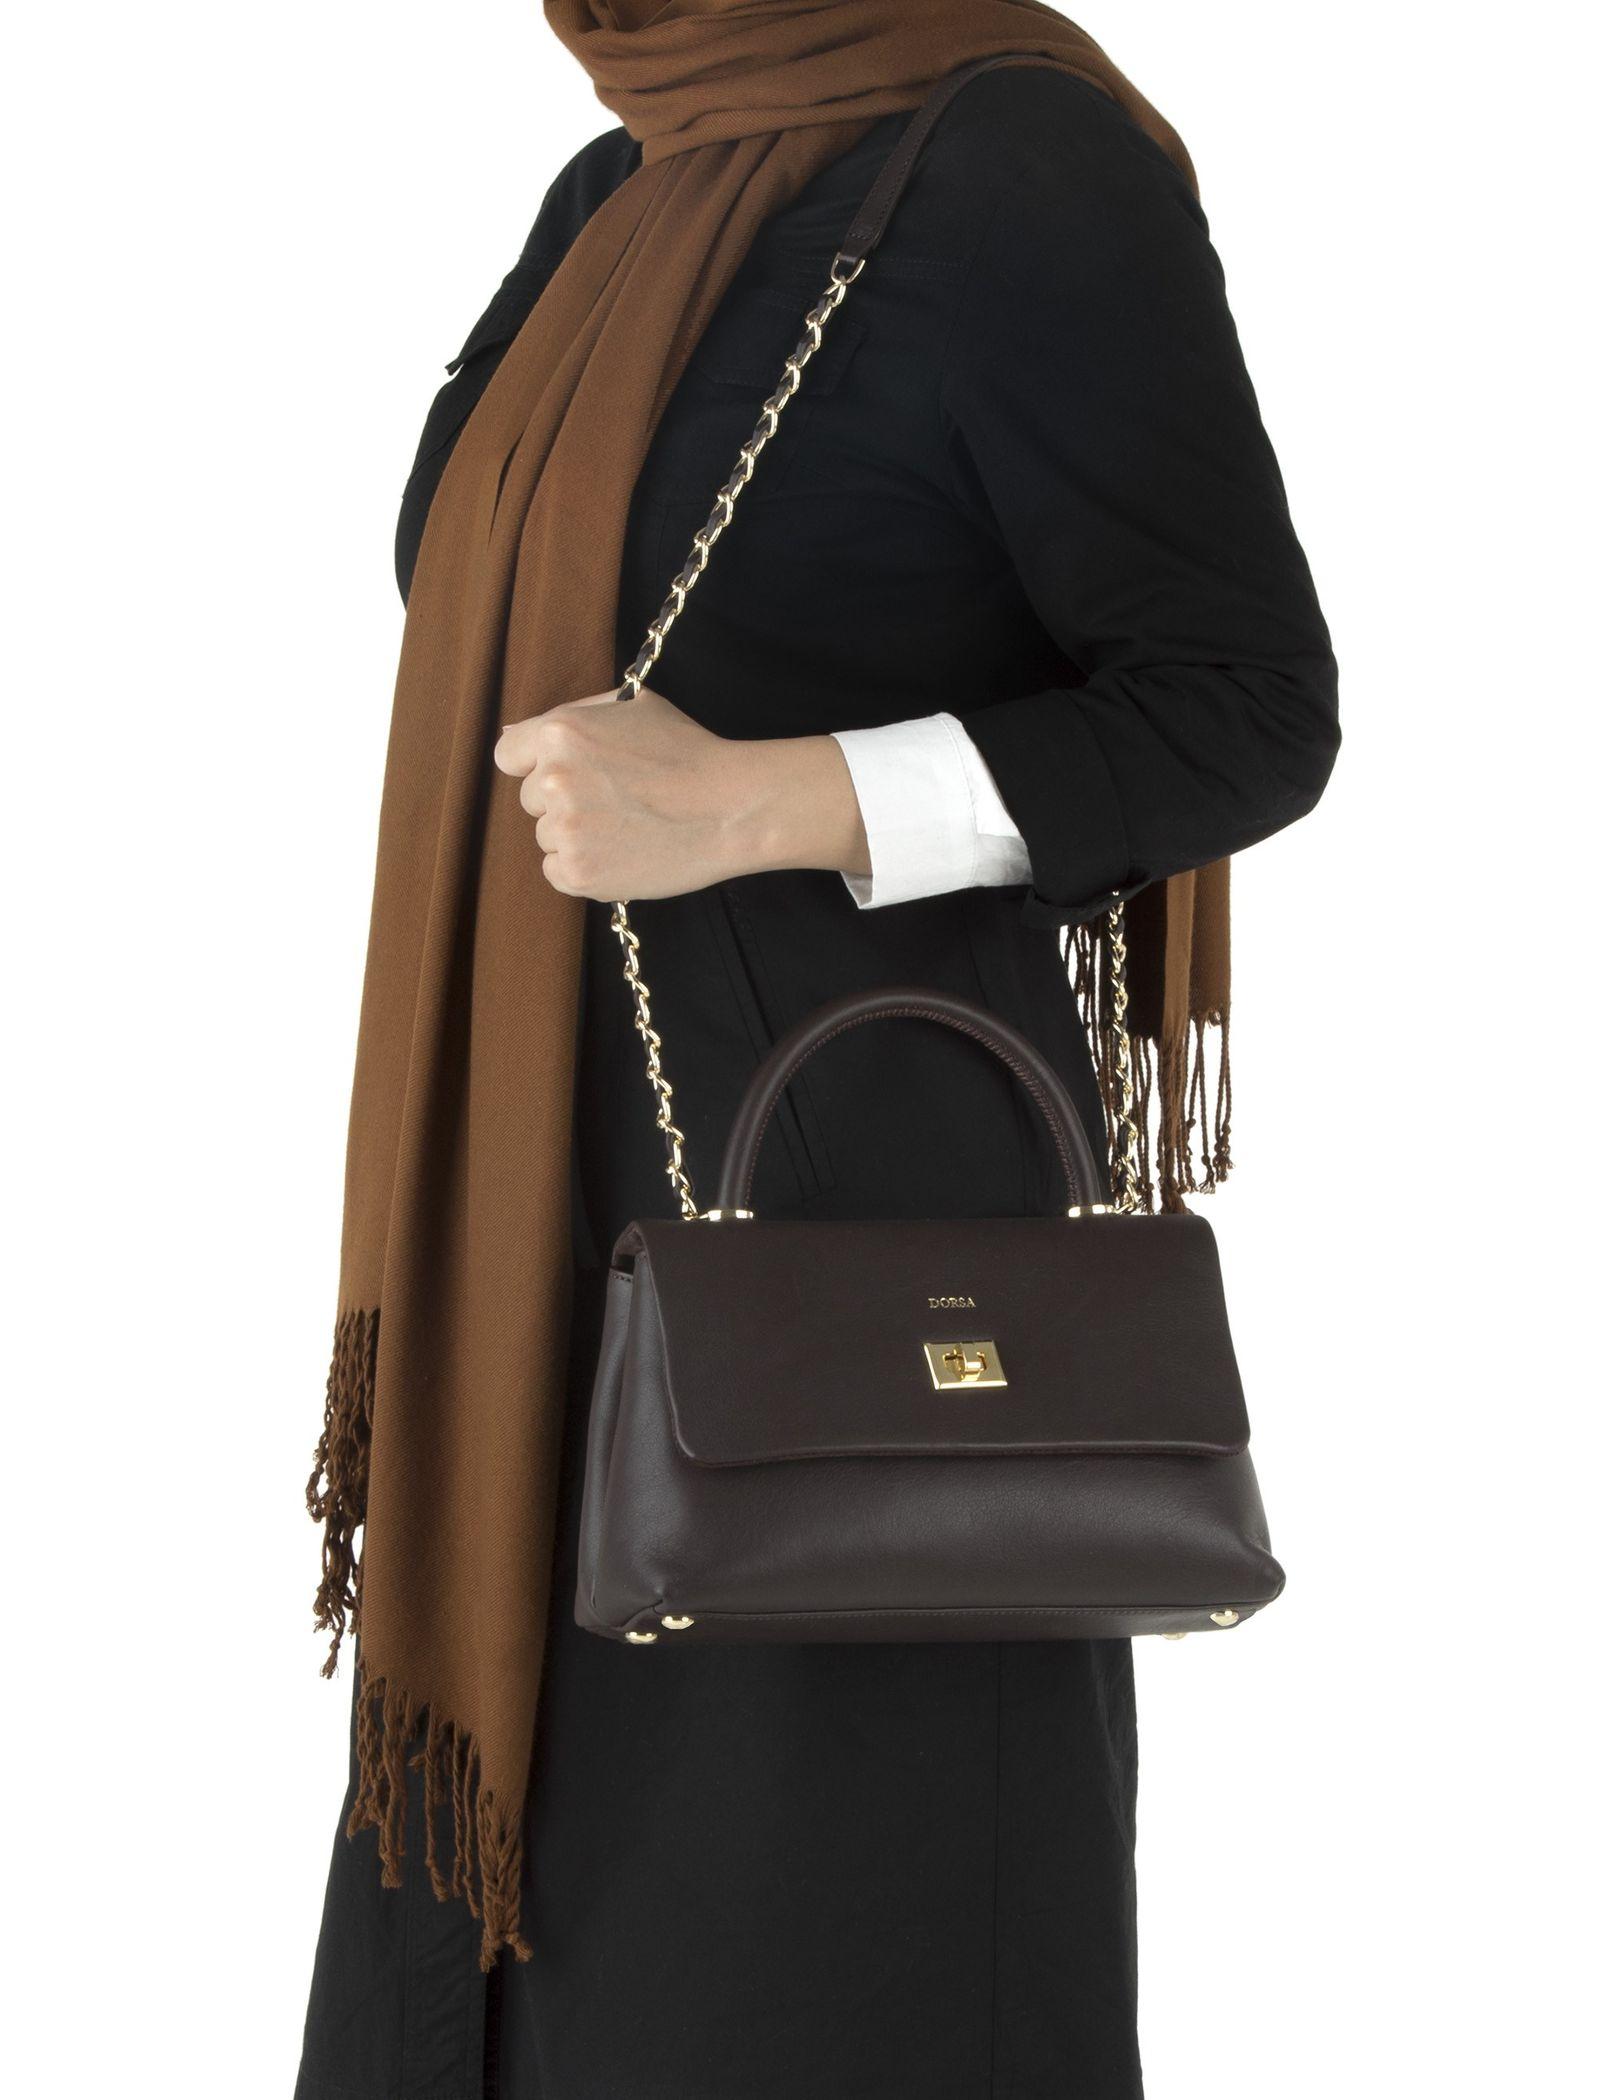 کیف دستی چرم روزمره زنانه - درسا - قهوه اي - 7